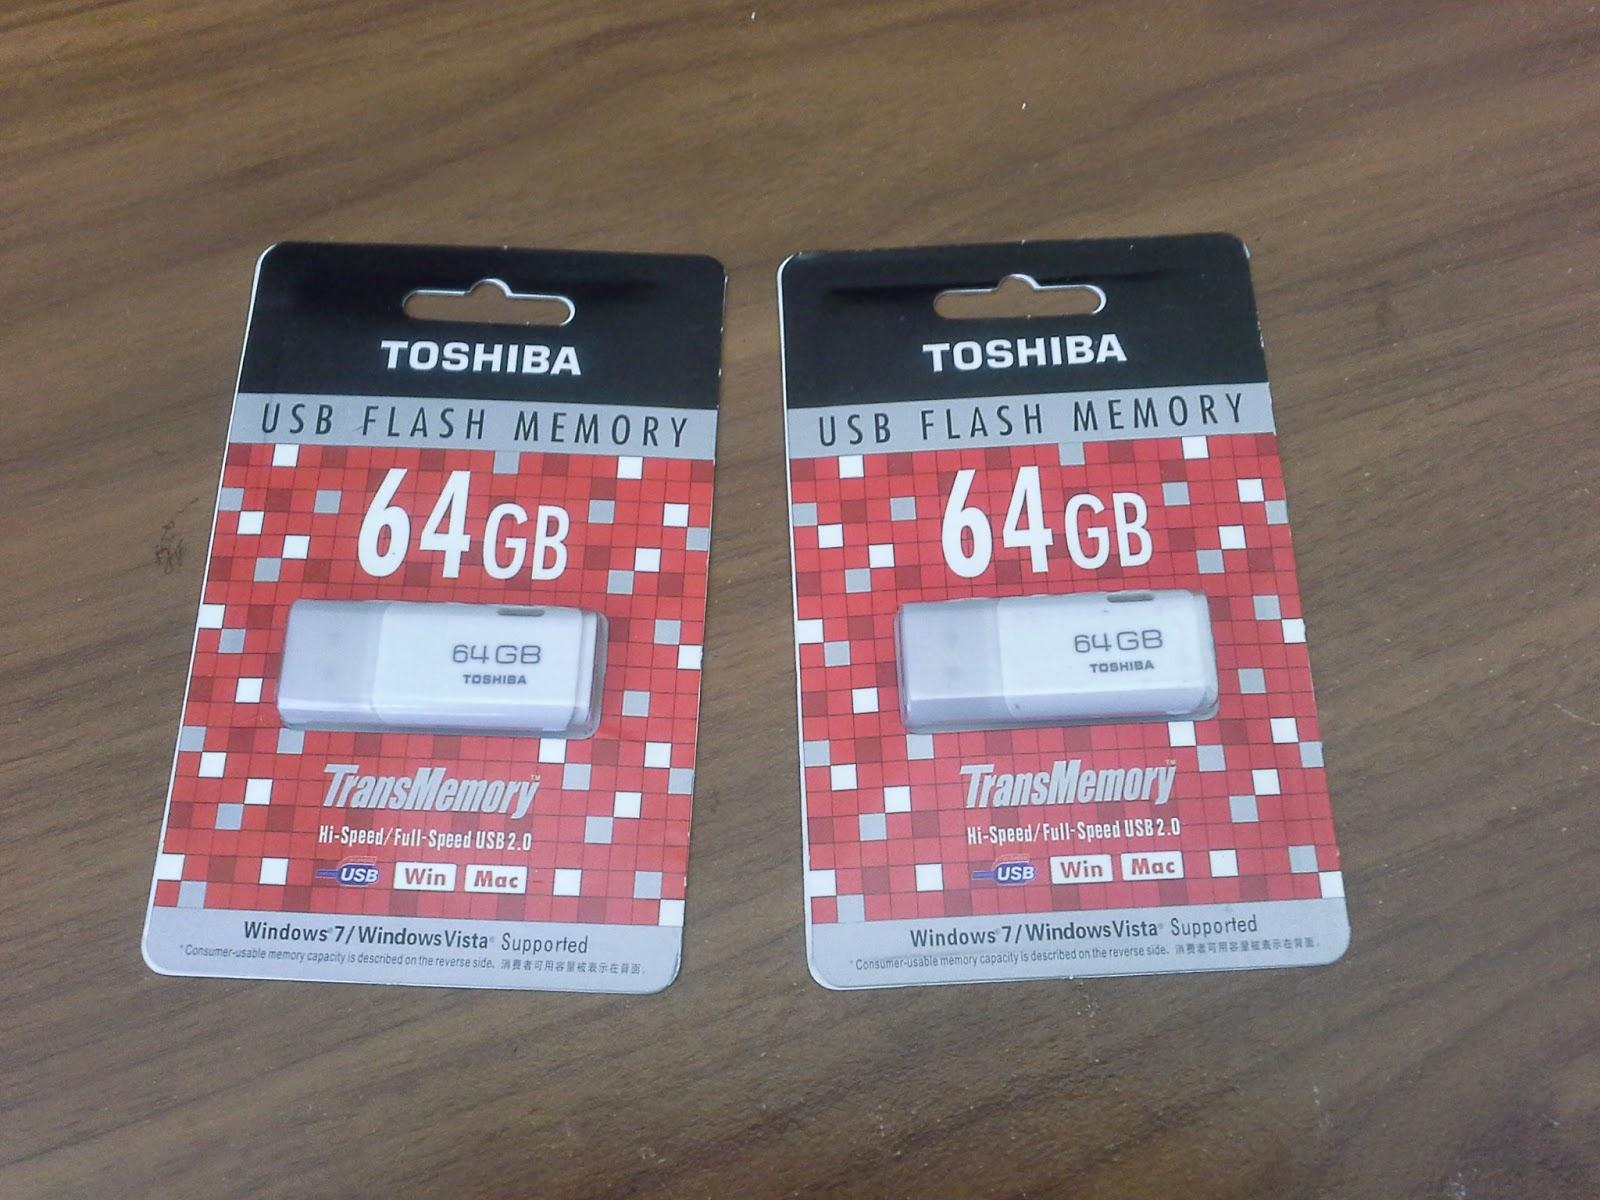 Flashdisk Toshiba 64gb Bekasi Online Shop